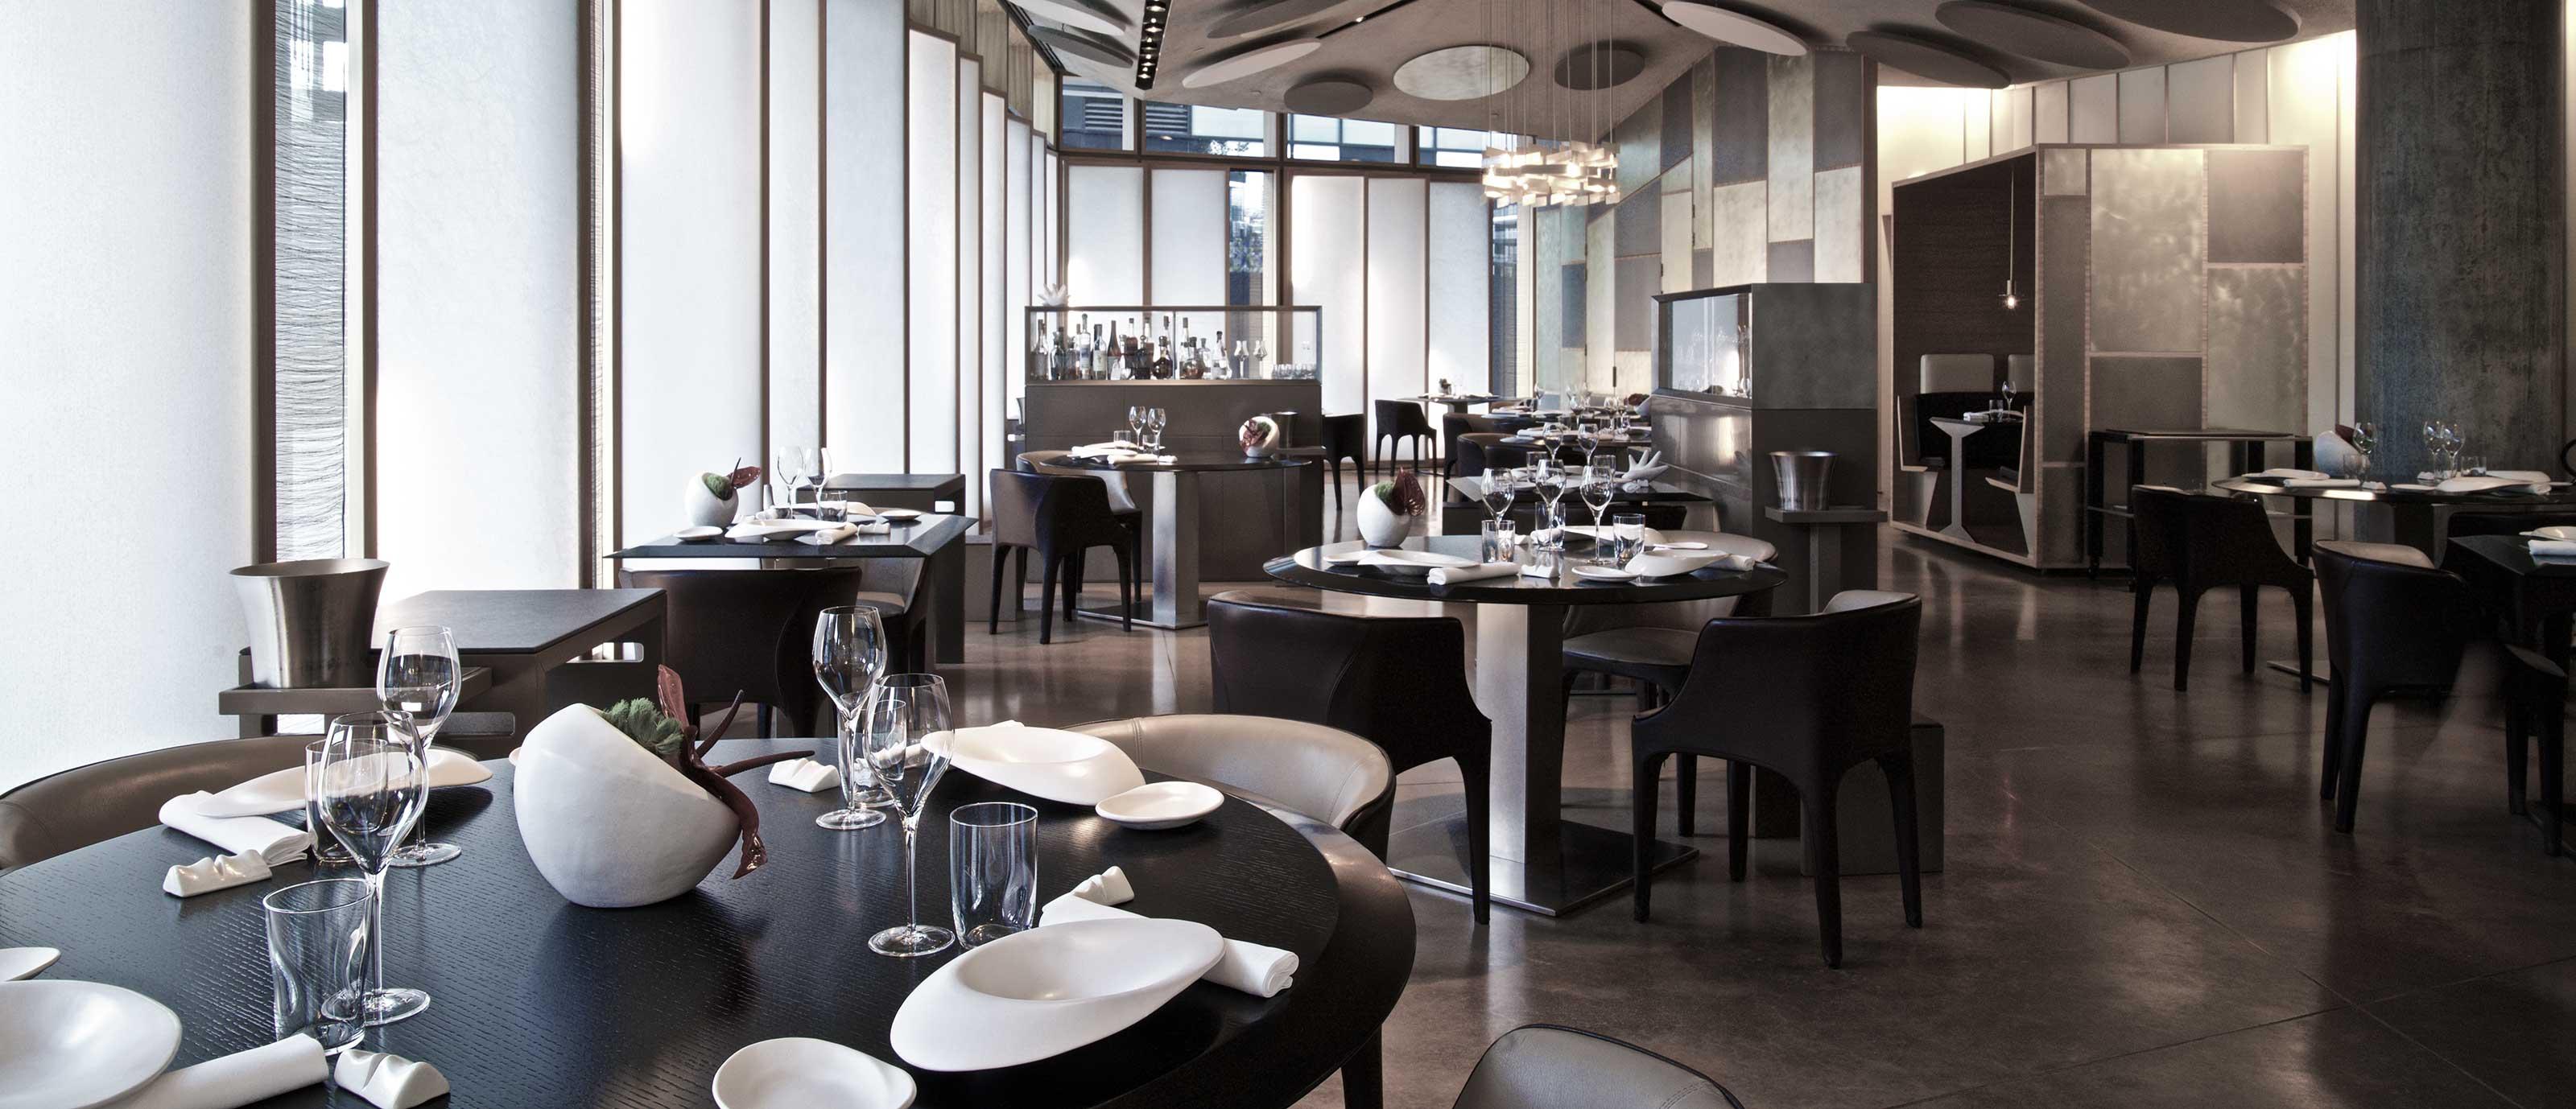 The restaurant - Ristorante Stellato di Berton